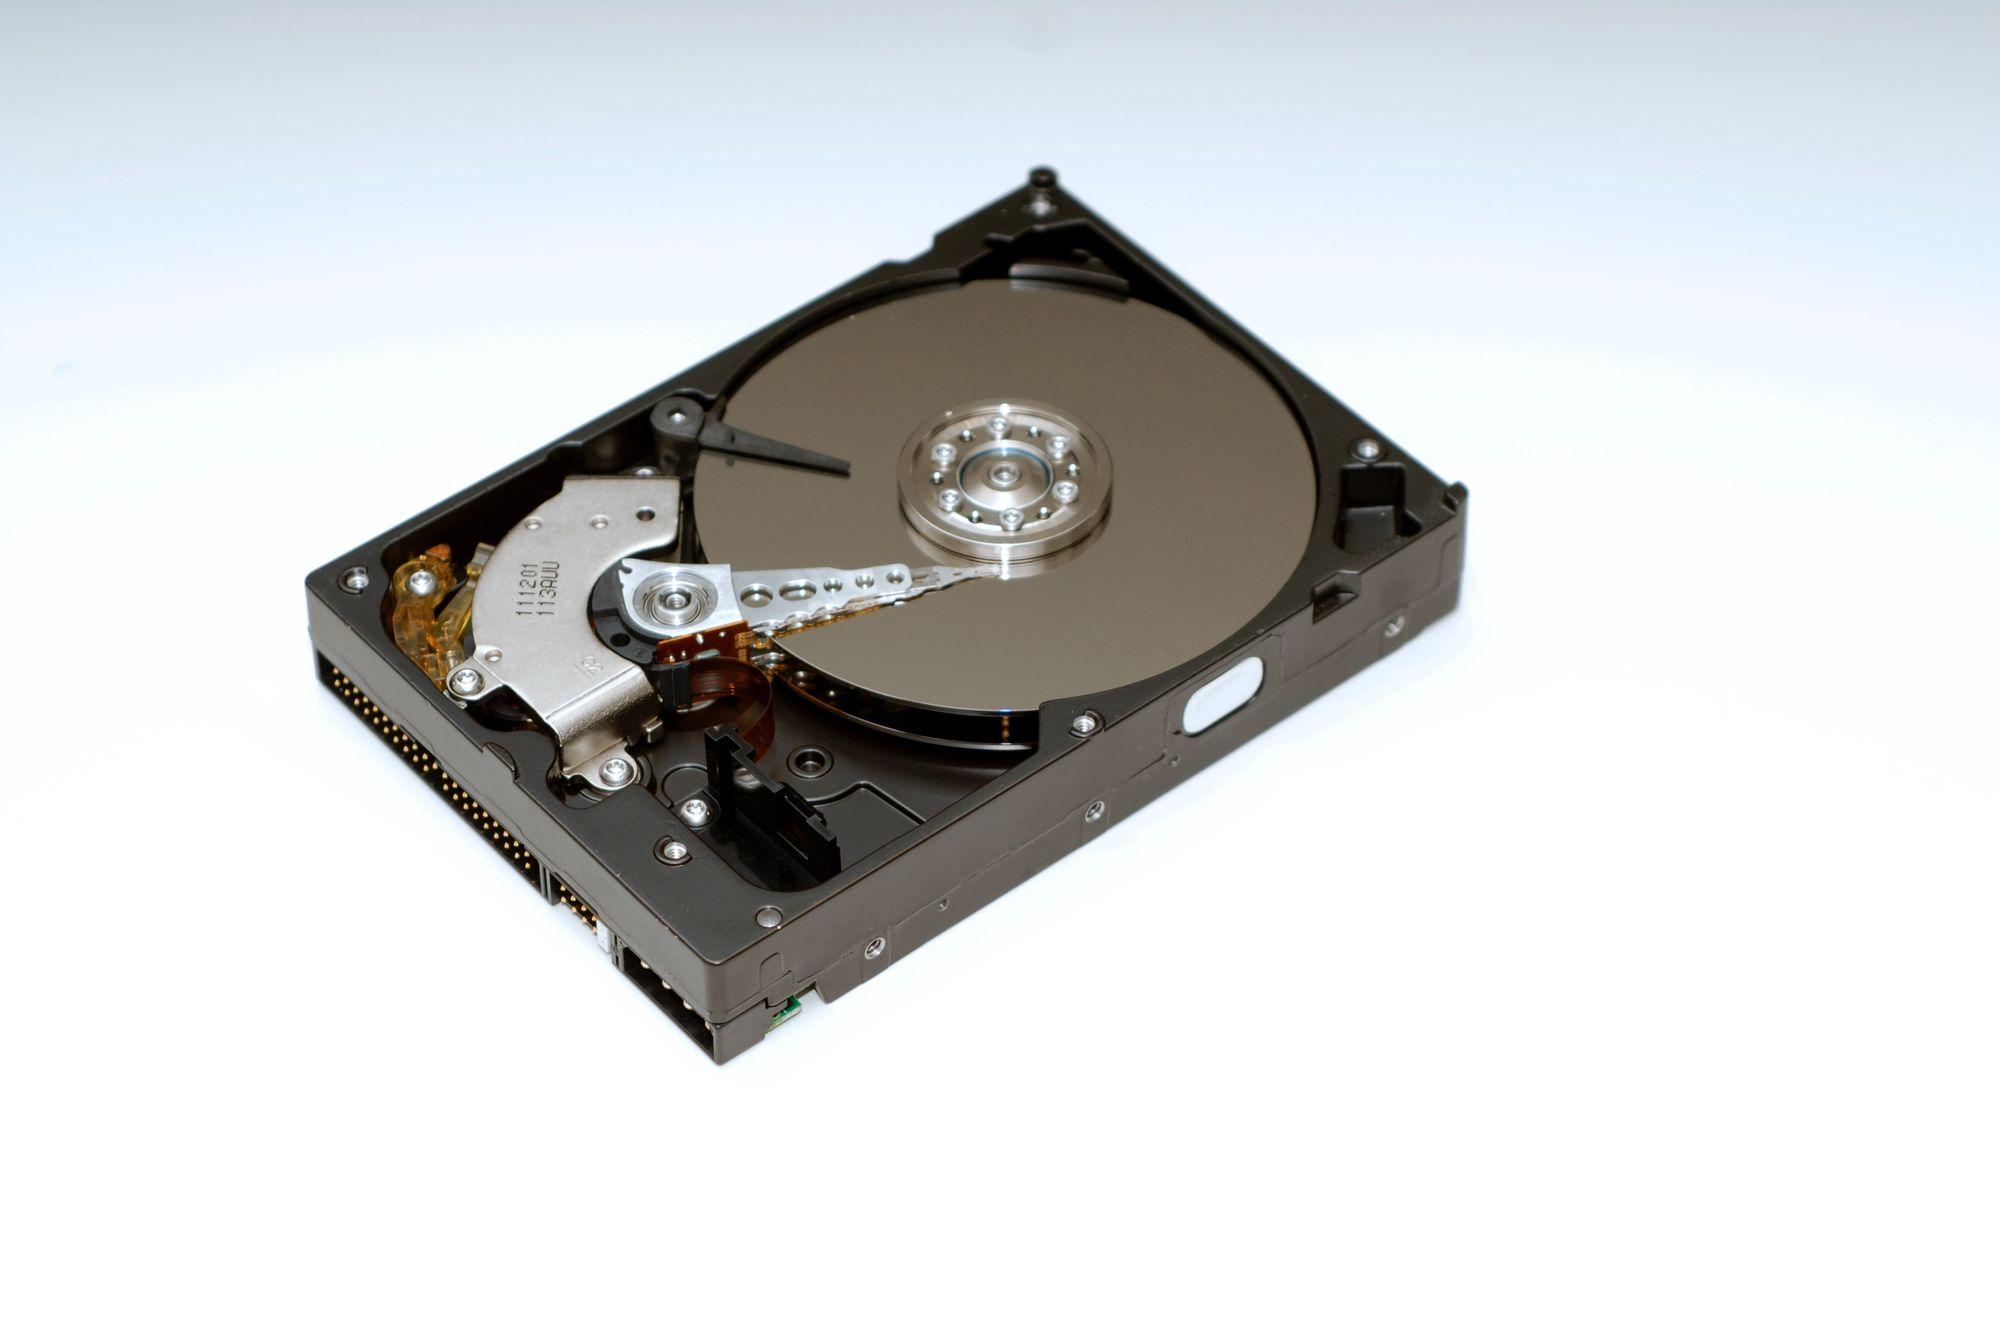 Get an external hard drive for your photos